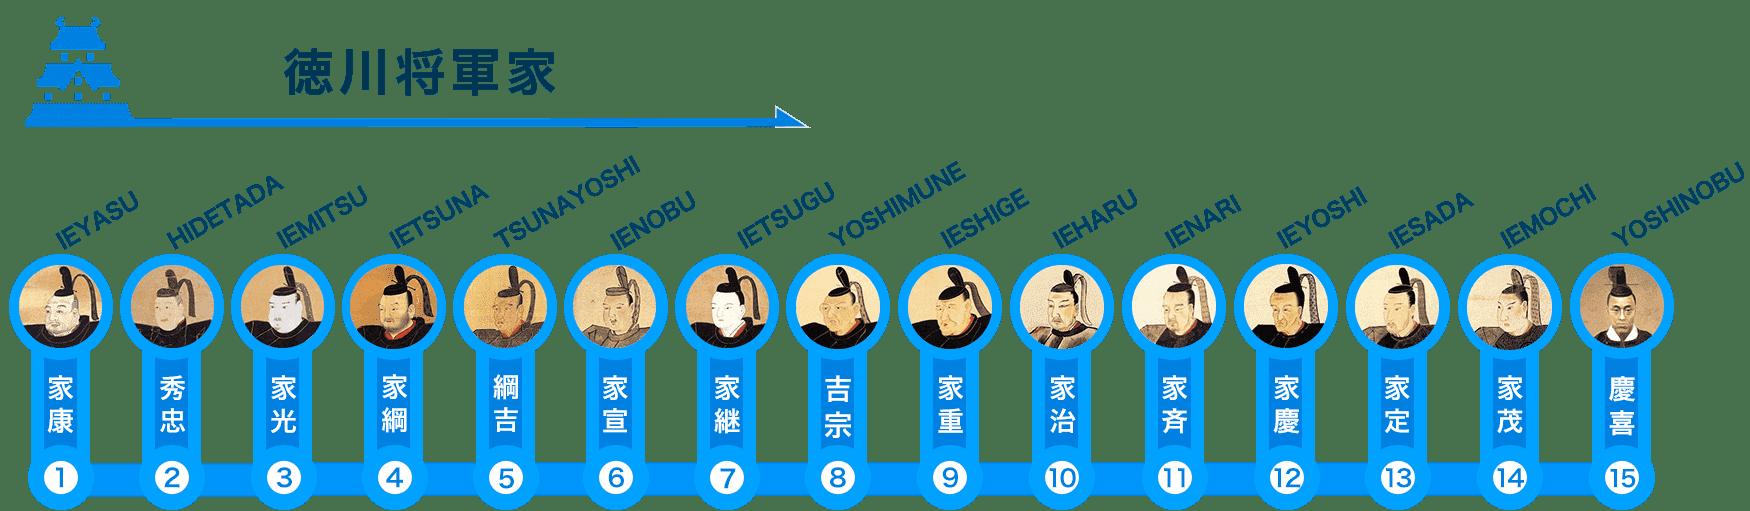 徳川将軍 歴代順番